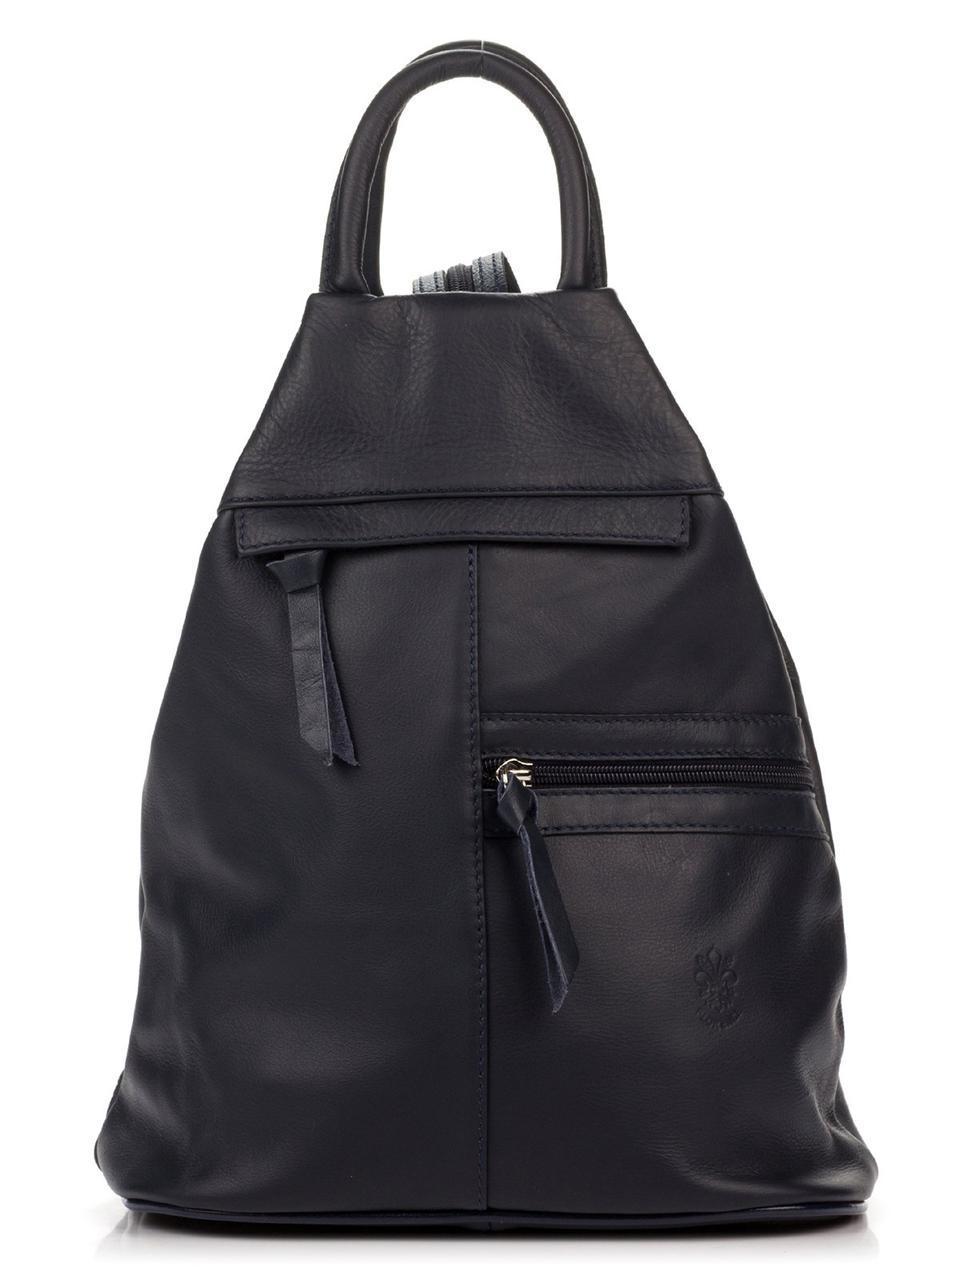 Синий женский кожаный рюкзак STACIA Diva's Bag